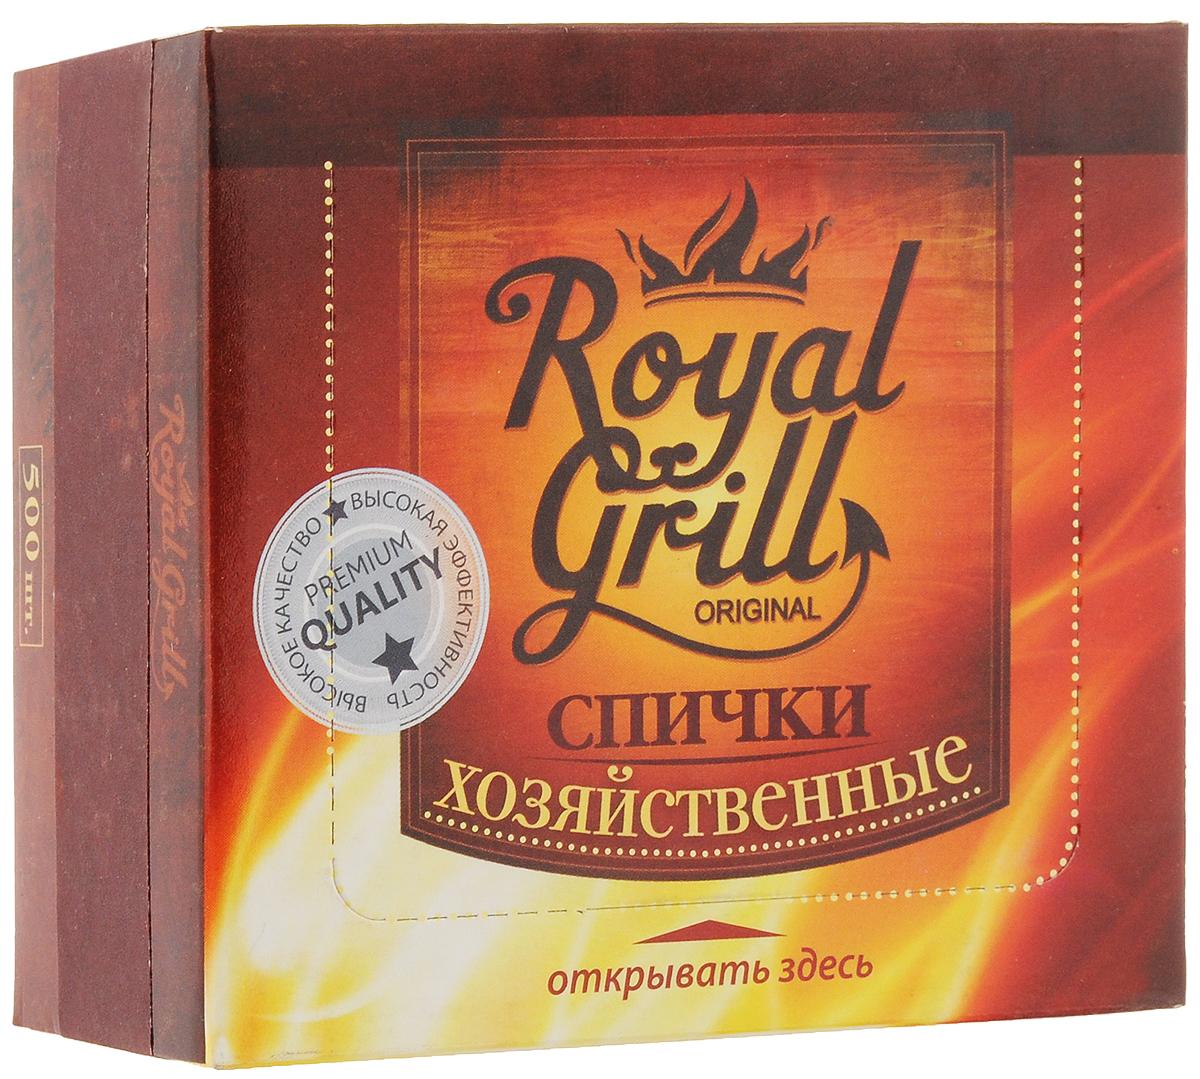 Спички RoyalGrill Хозяйственные, 500 шт80-133Спички RoyalGrill Хозяйственные предназначены для разведения огня. Отлично загораются, их удобно держать в руке с минимальным риском ожогов. Состав: древесина, зажигательный состав.